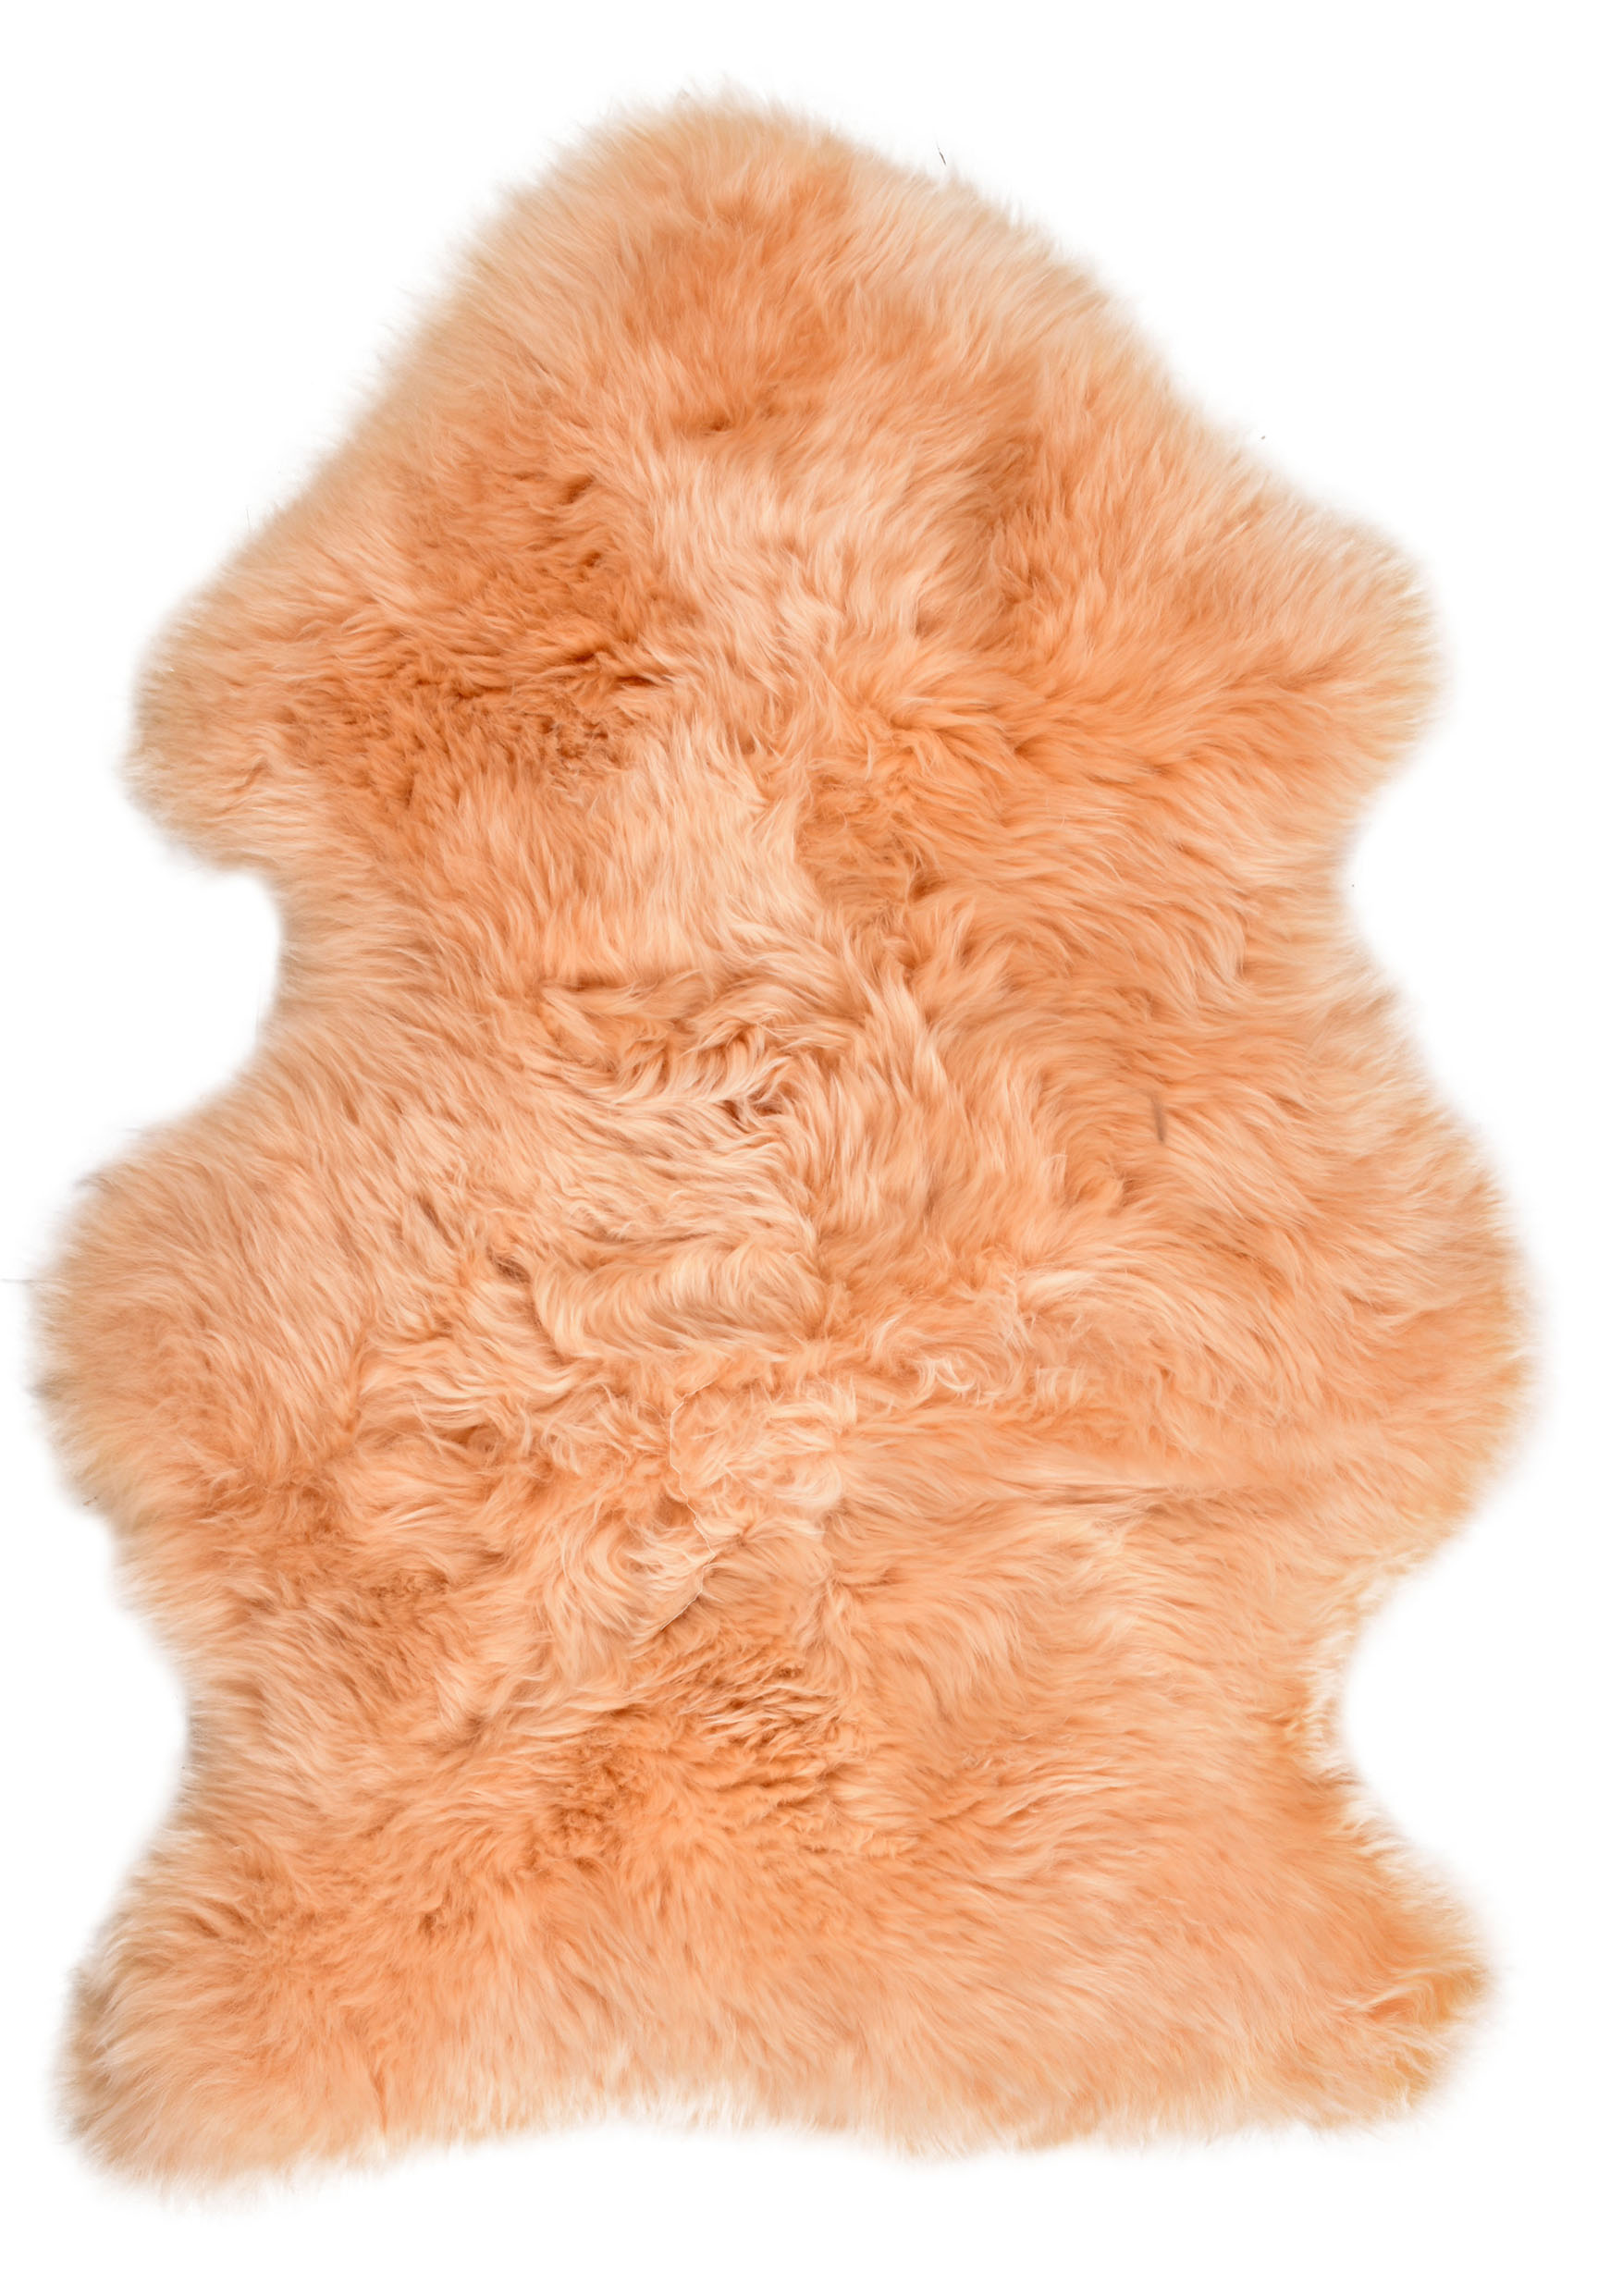 Véritable Doux Beige Beige Beige Crème Peau De Mouton Tapis Pelt Hide Extra épais Luxe UK Made | Se Vendant Bien Partout Dans Le Monde  b297ec